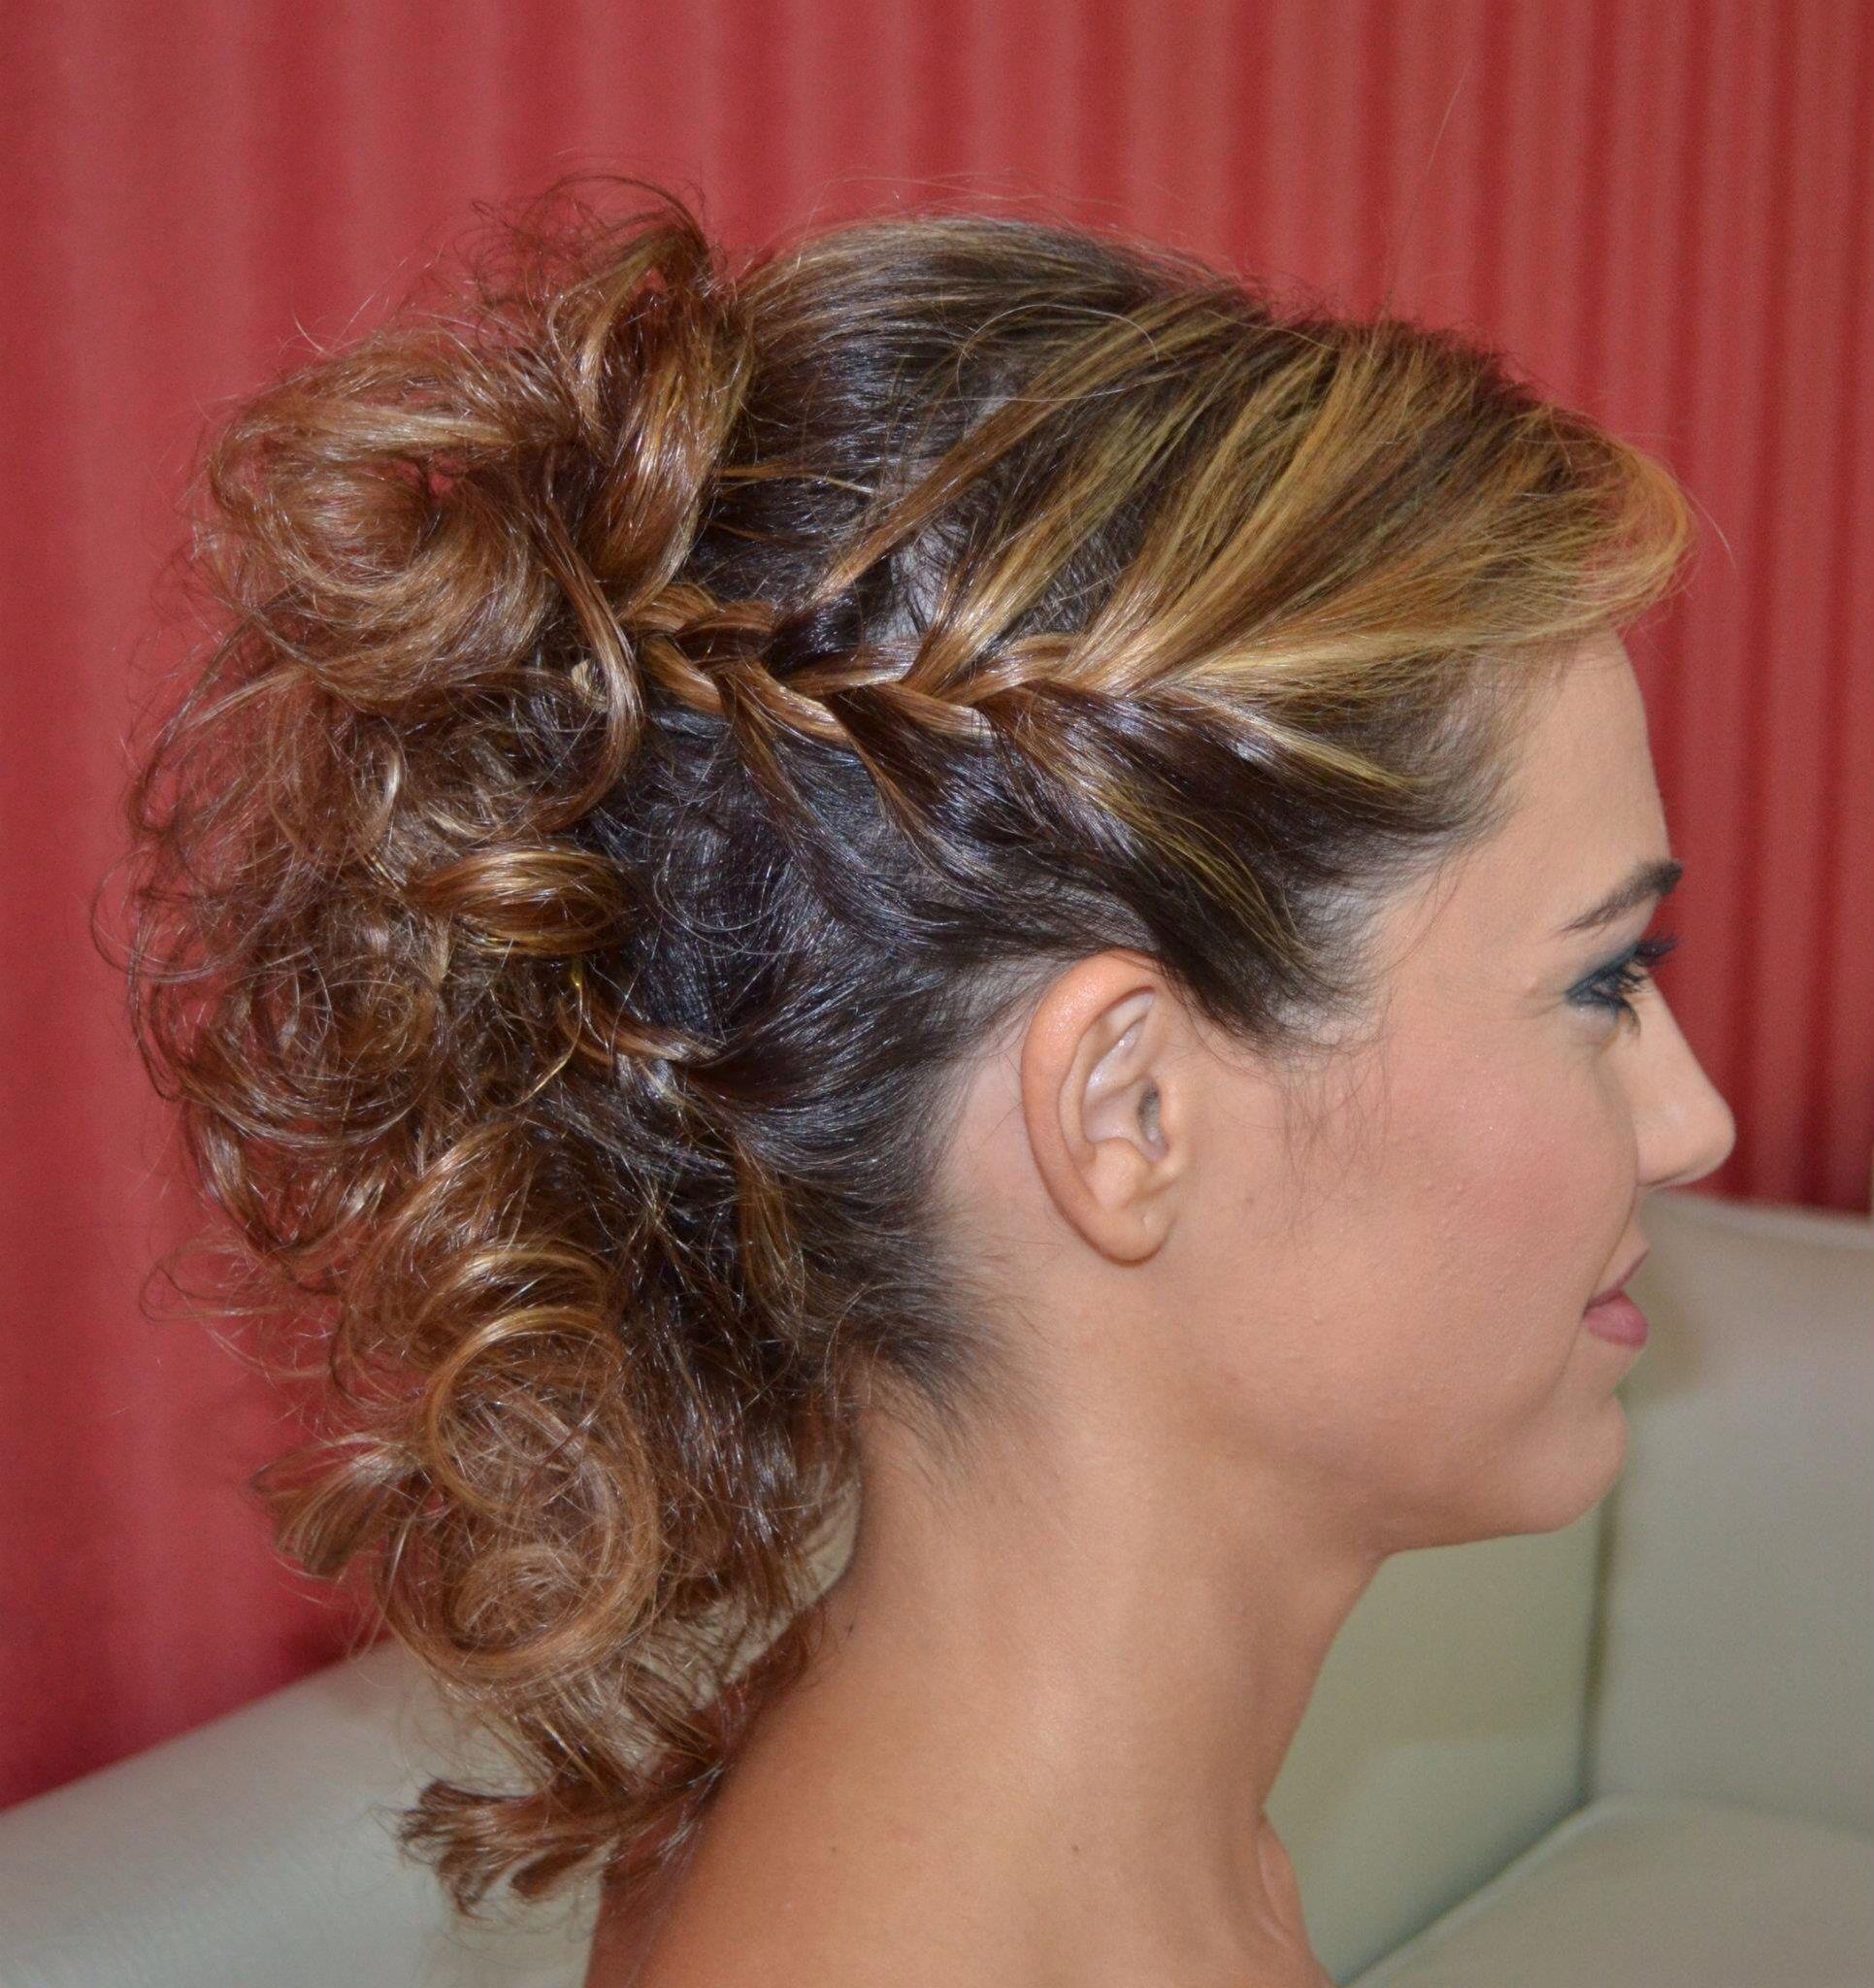 2012 252022 253a07 Jpg 1931 2048 Hair Styles Hair Beauty